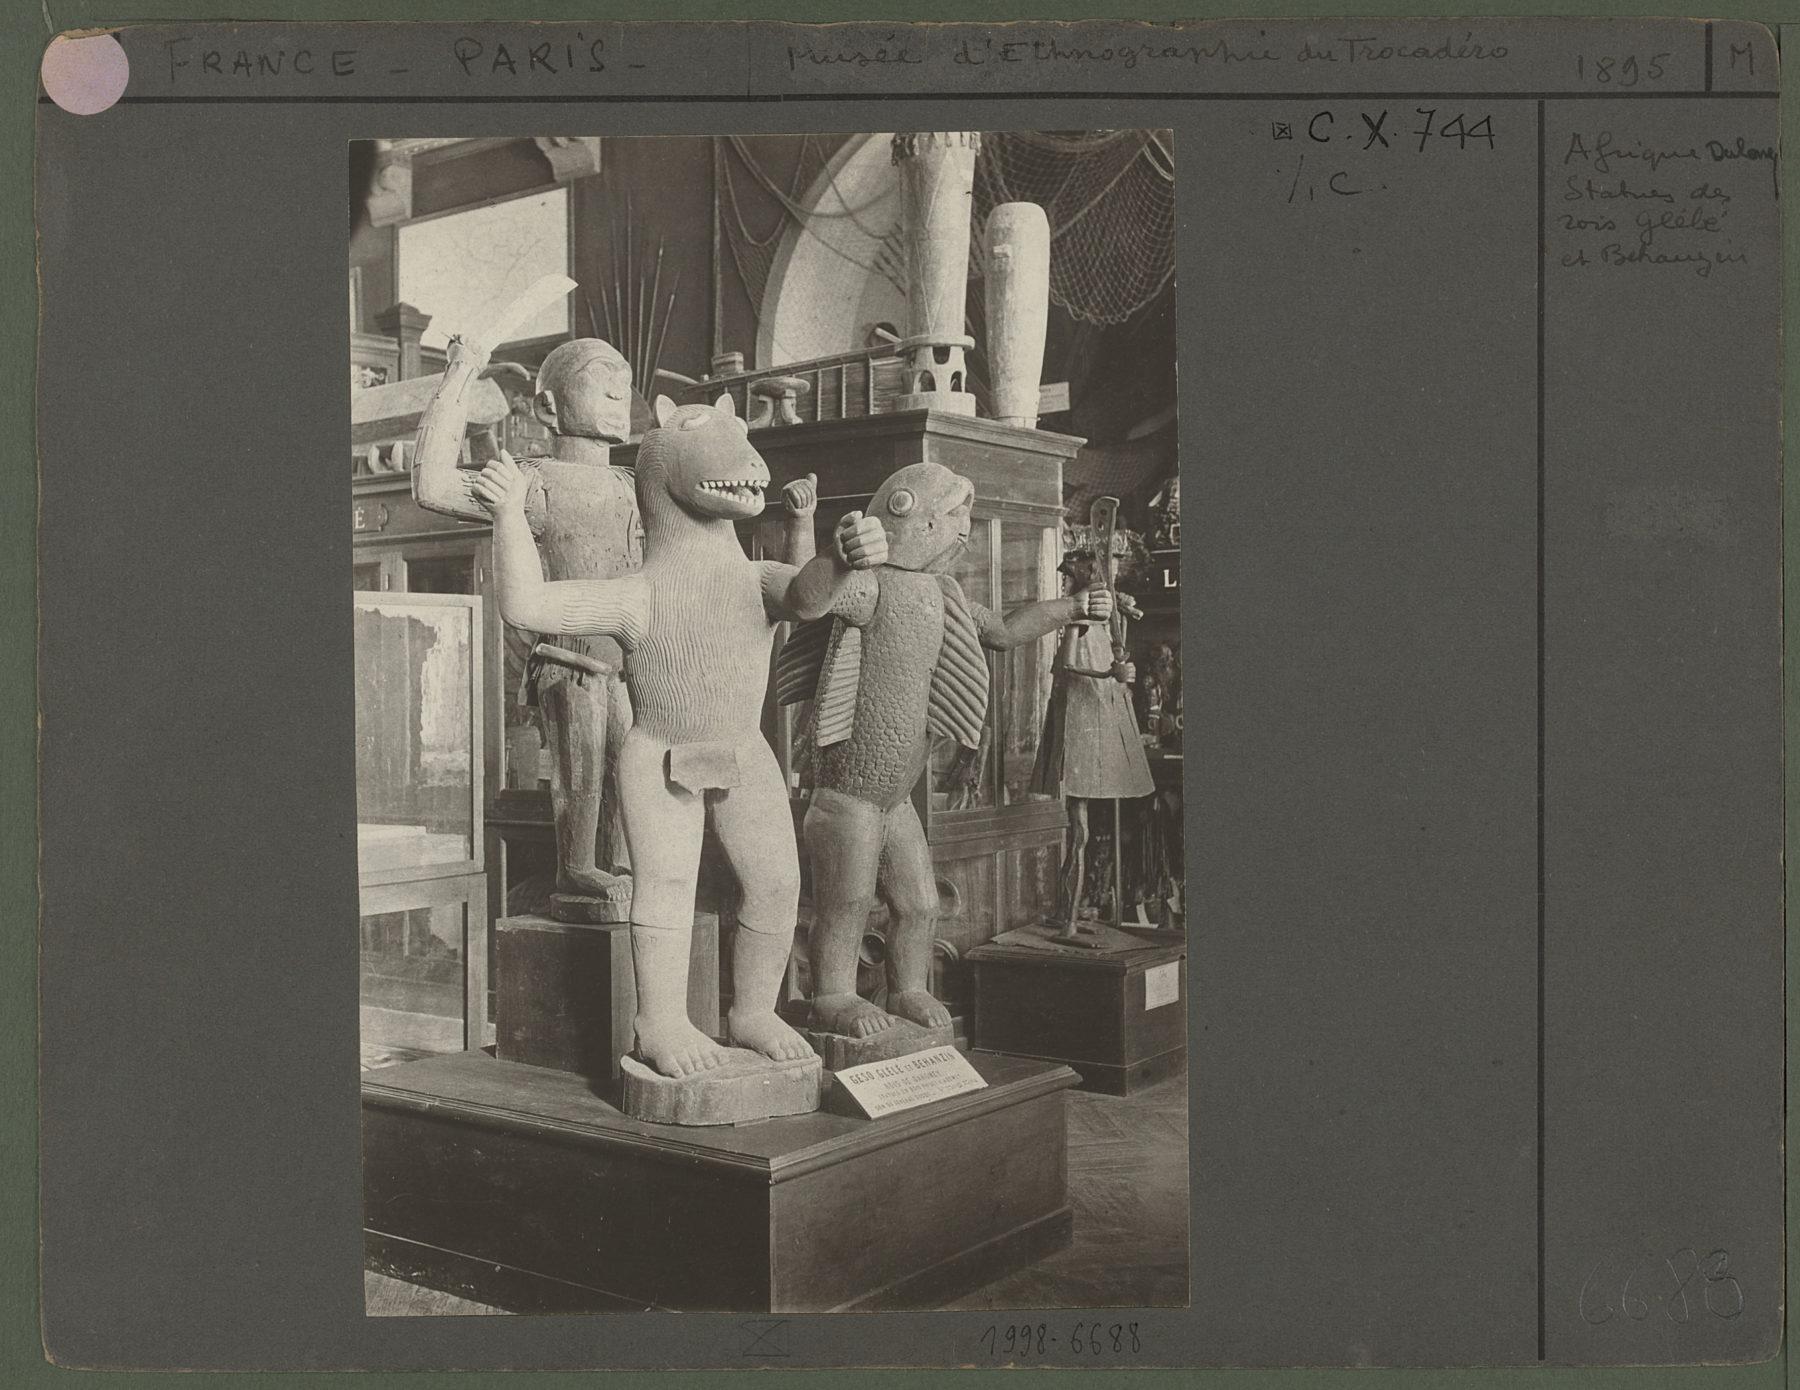 Statues des rois Glélé et Béhanzin Photographe : Société d'excursions des amateurs de photographies (1887 - 1938). Vue des rois Glélé et Béhanzin dans les salles du musée d'ethnographie du Trocadéro. On aperçoit également la sculpture dédiée à Gou (71.1894.32.1). Elles sont aujourd'hui conservées au musée du quai Branly. Béhanzin (1844-1906), roi du Dahomey. Glélé, roi du Dahomey de 1858 à 1889). PP0001264 Anonyme